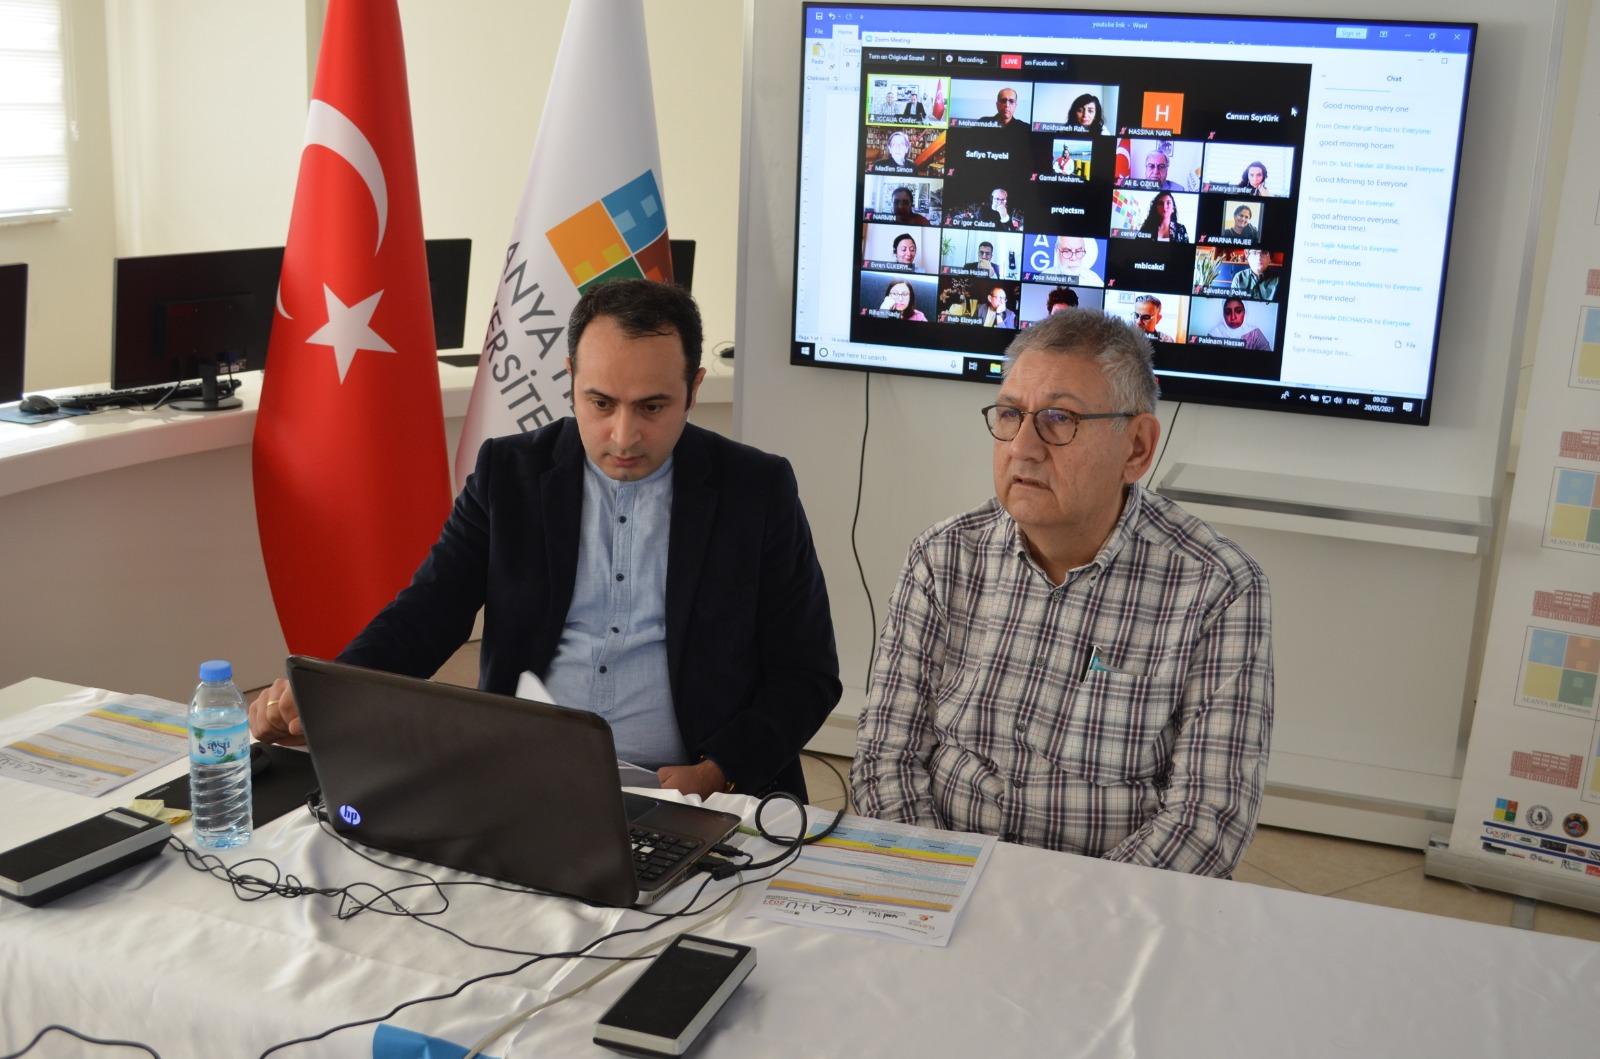 Ahep'te 4. Uluslararası Mimarlık Ve Şehircilikte Çağdaş Yaklaşımlar Konferansı Çevrimiçi Olarak Gerçekleştirildi